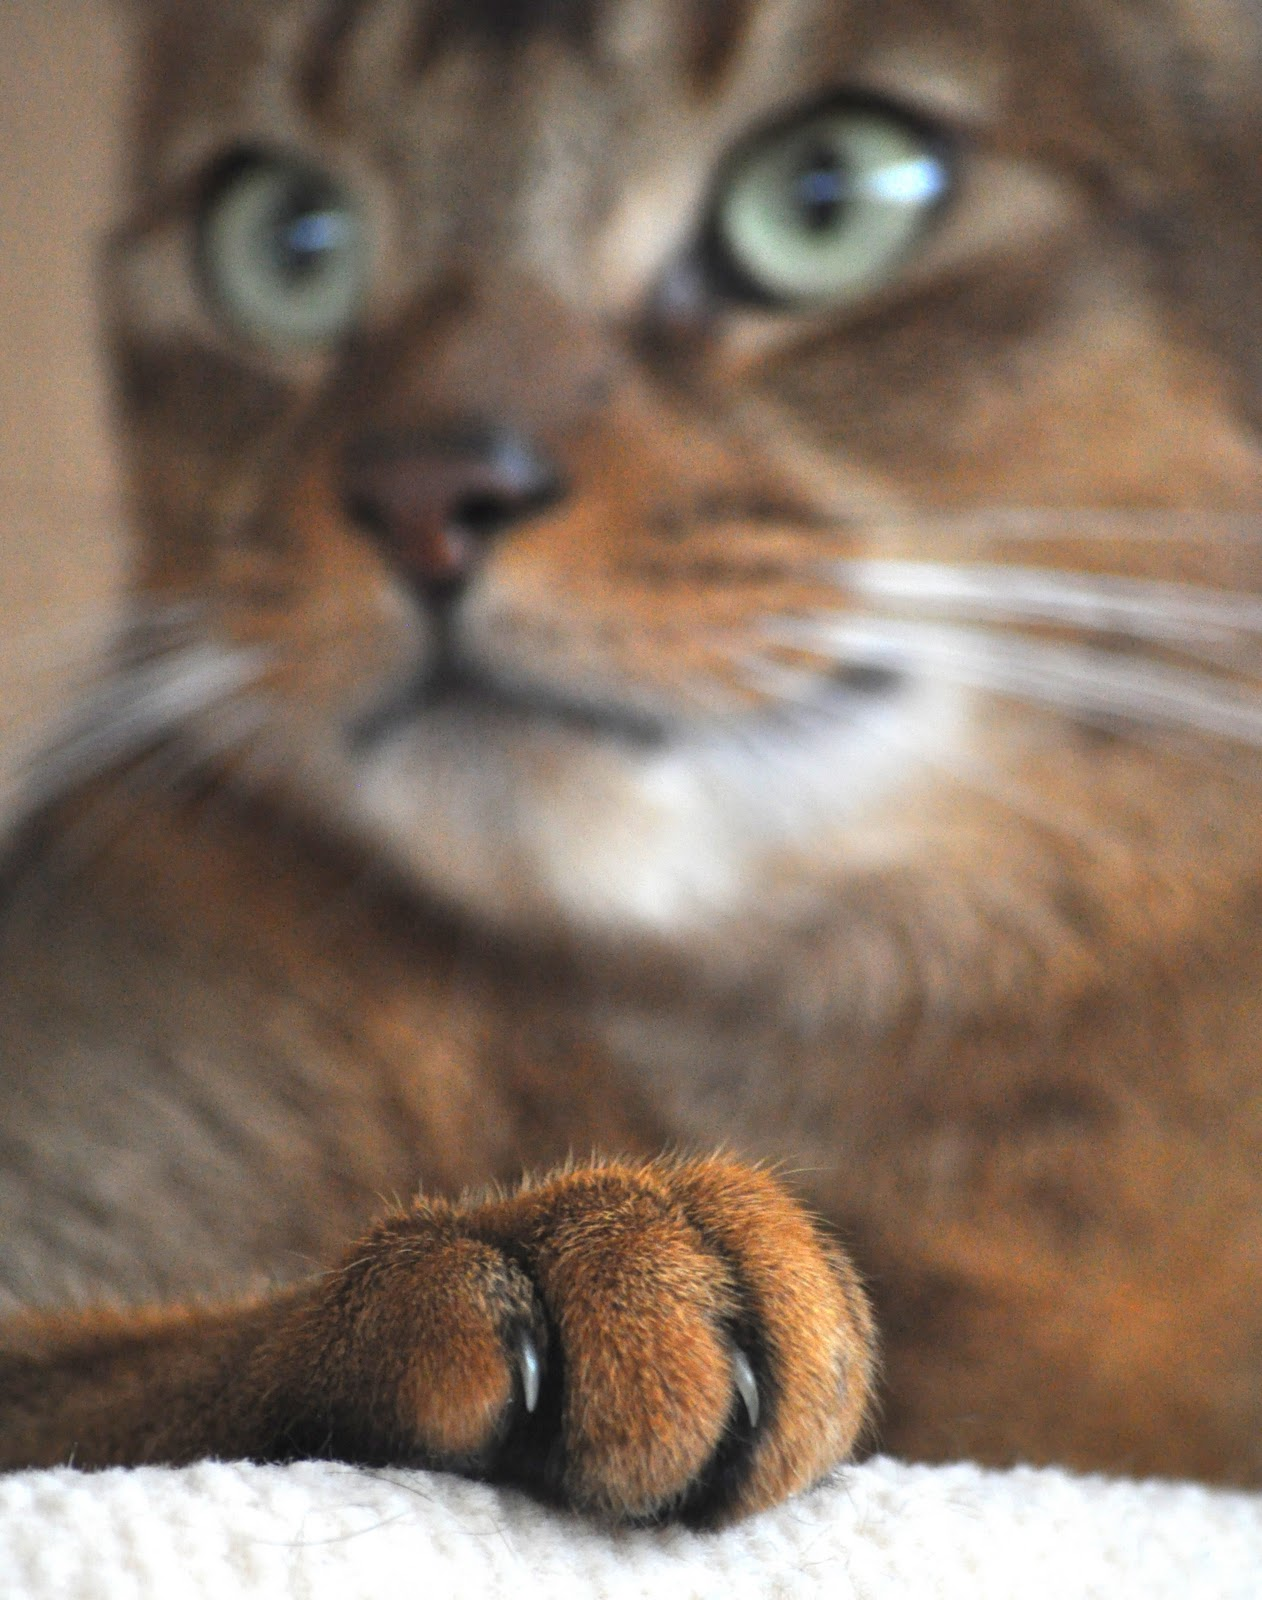 free cat images neues aus dem leben mit unseren katzen eine glosse. Black Bedroom Furniture Sets. Home Design Ideas